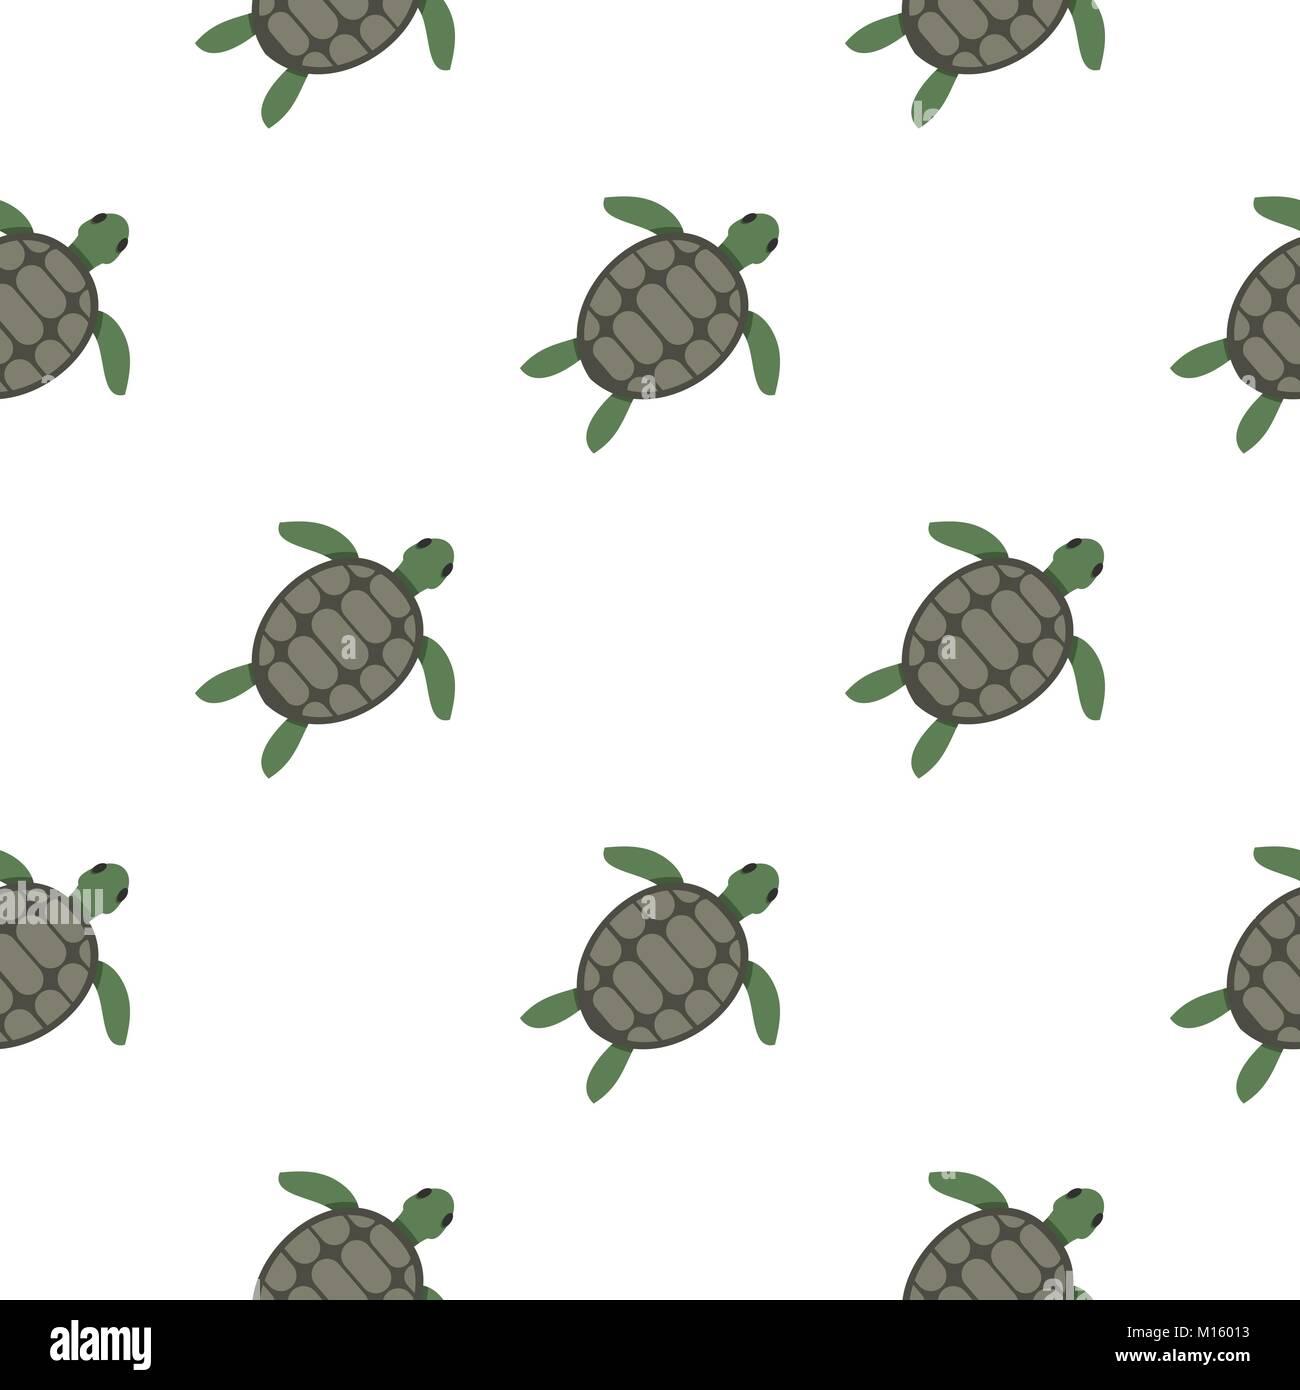 green sea turtle pattern seamless stock vector art illustration